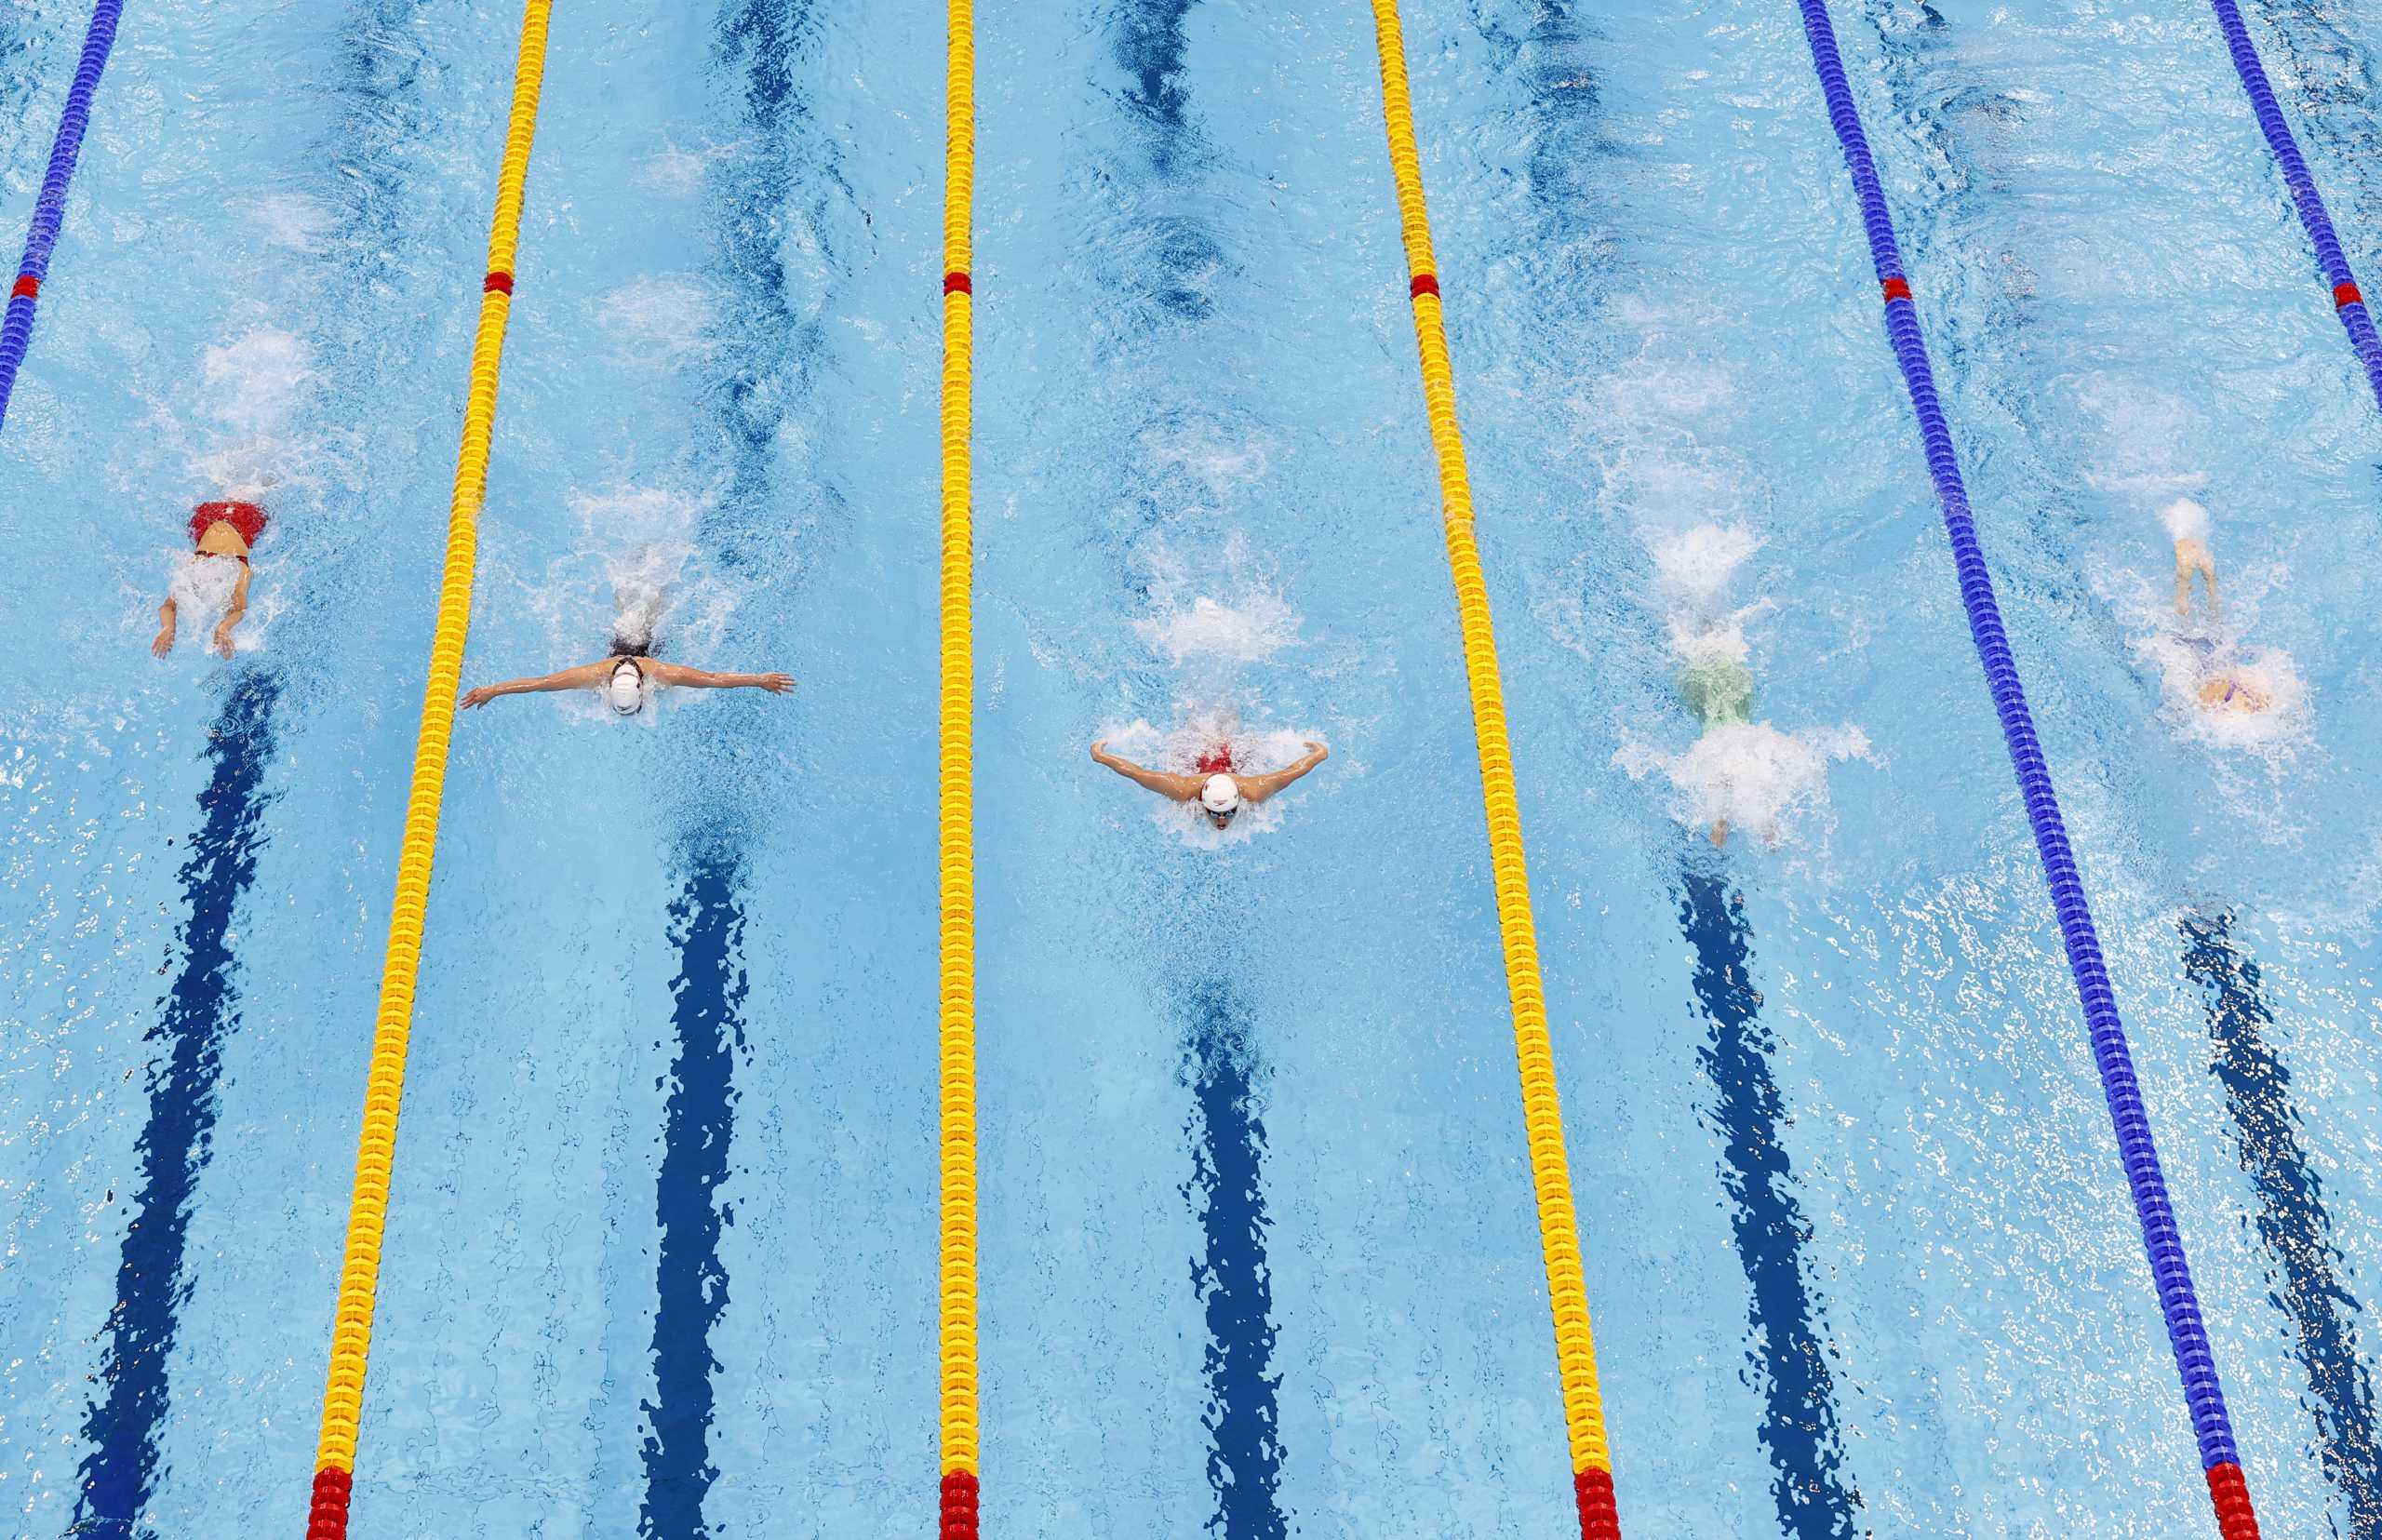 Ολυμπιακοί Αγώνες: Η Άννα Ντουντουνάκη προκρίθηκε στα ημιτελικά